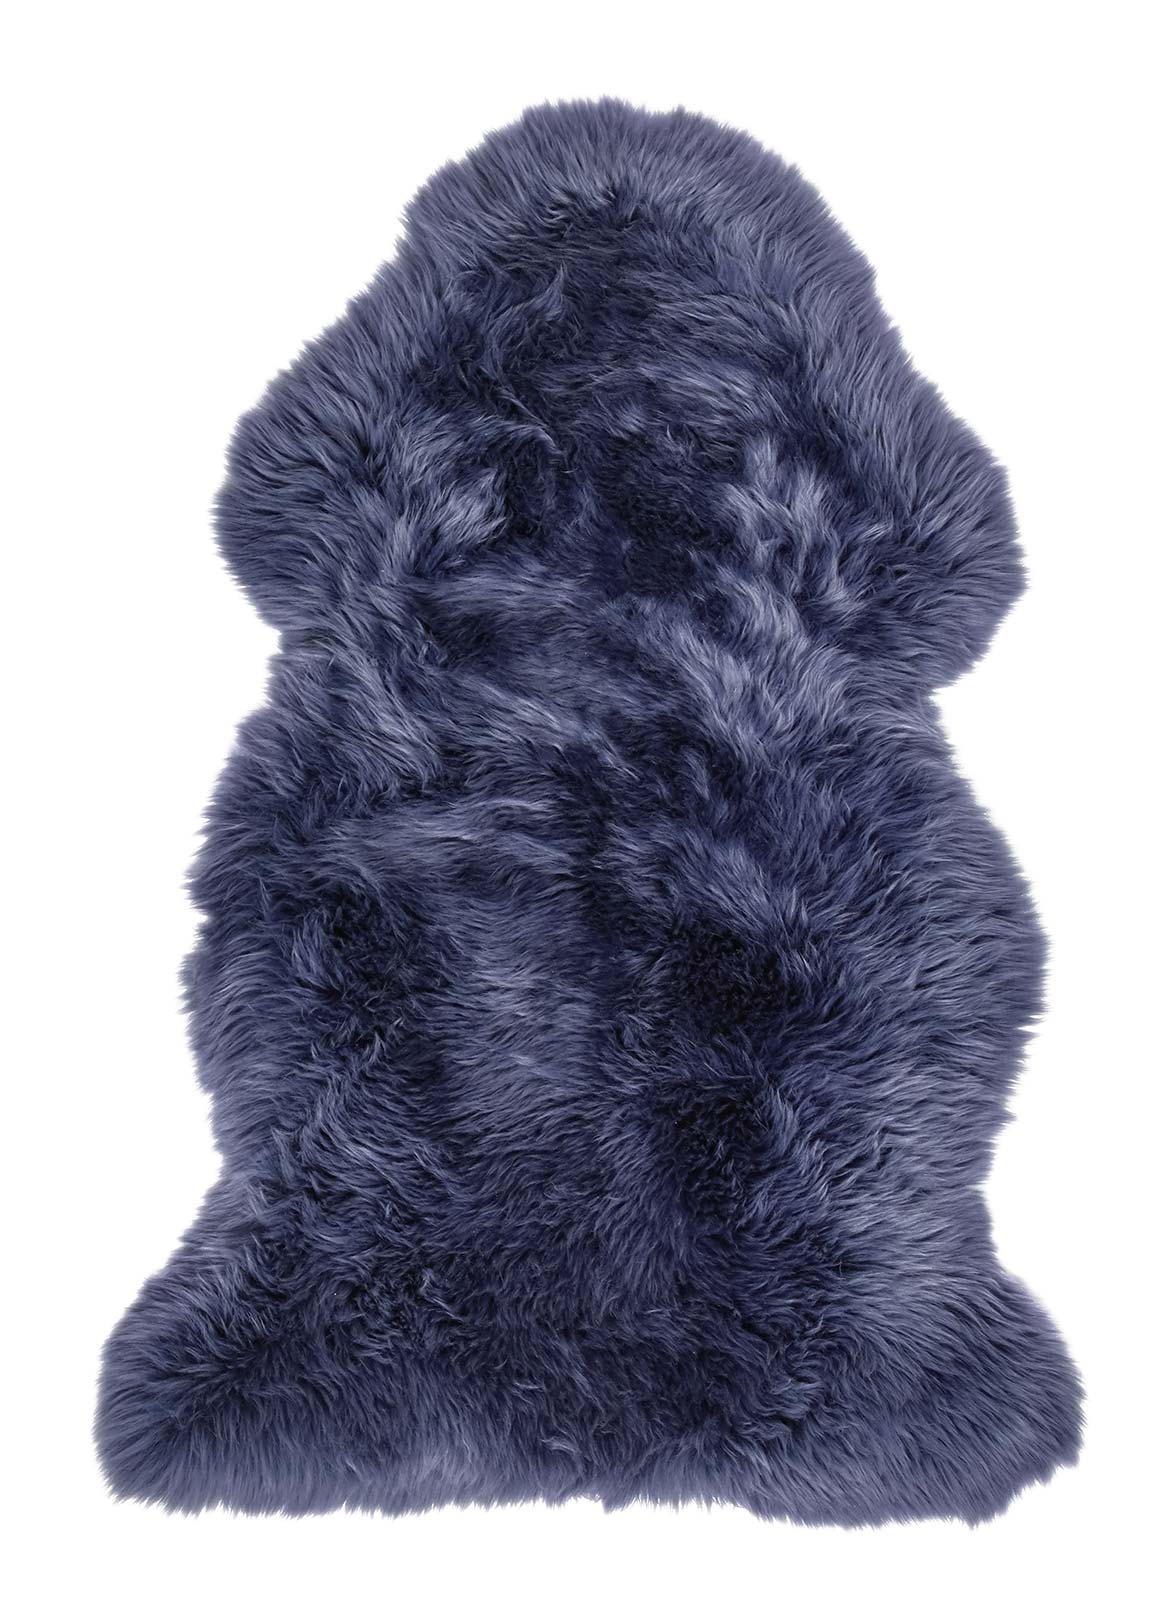 Véritable peau de mouton de nouvelle Zélande. Douce et naturelle. Achetez en ligne nos peaux de mouton disponibles en 6 coloris.